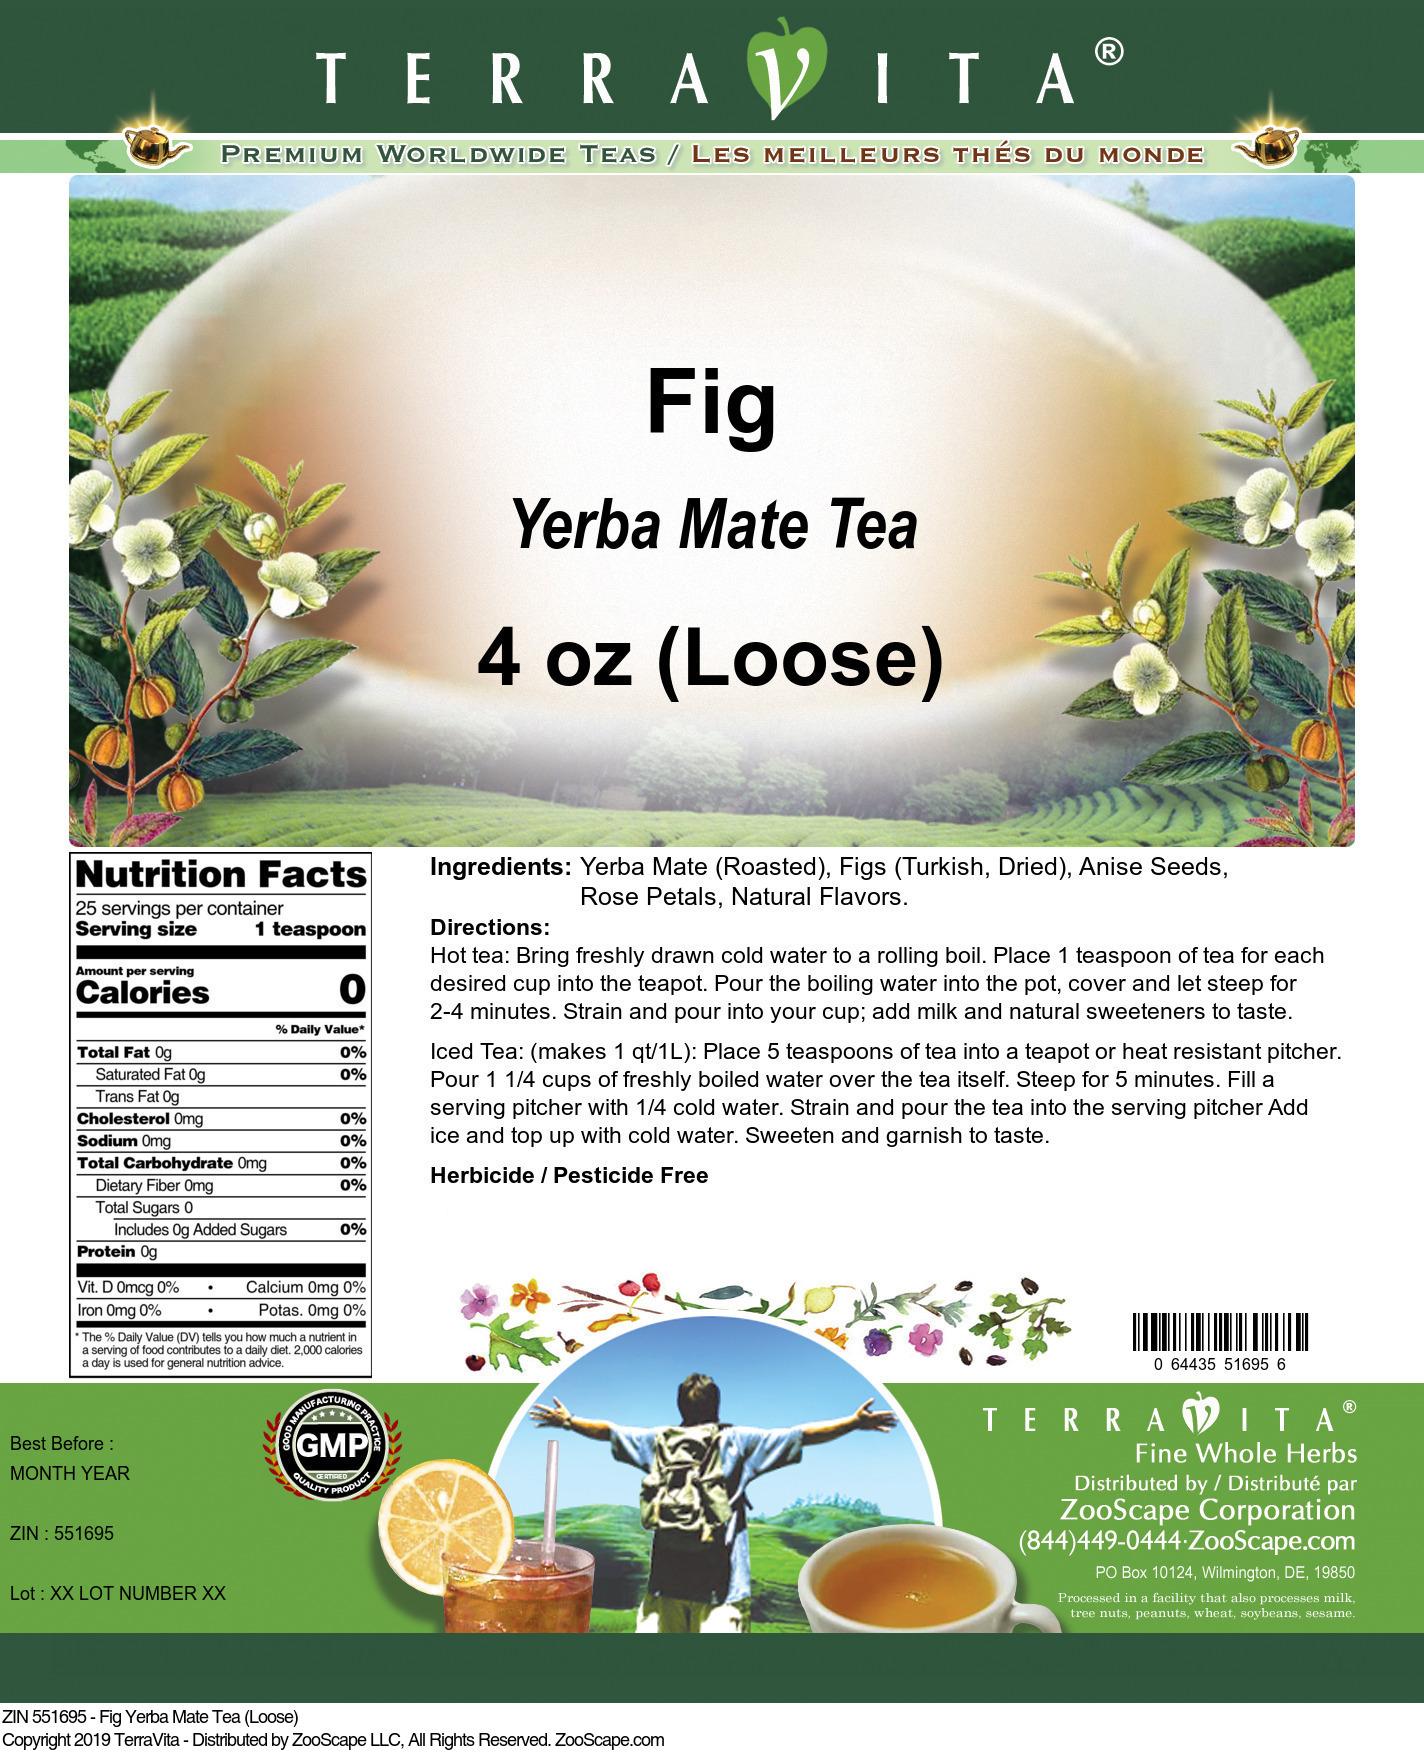 Fig Yerba Mate Tea (Loose)